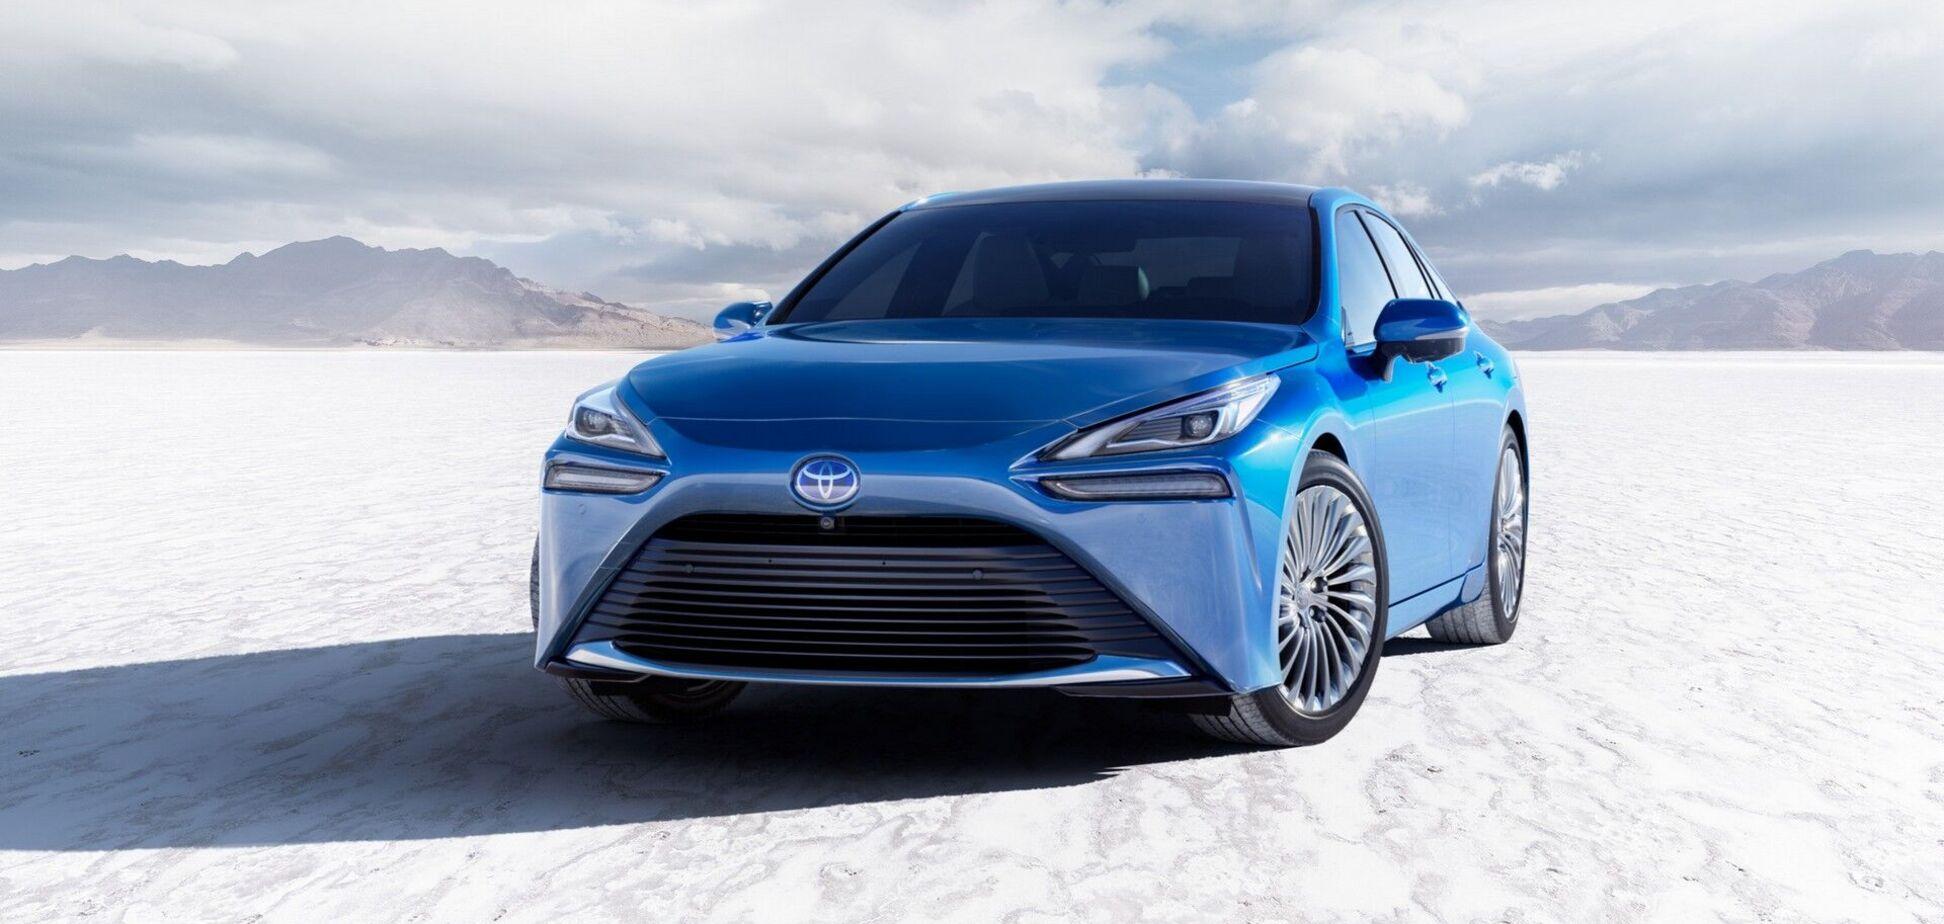 Toyota полностью рассекретила новый водородный электрокар с запасом хода 850 км